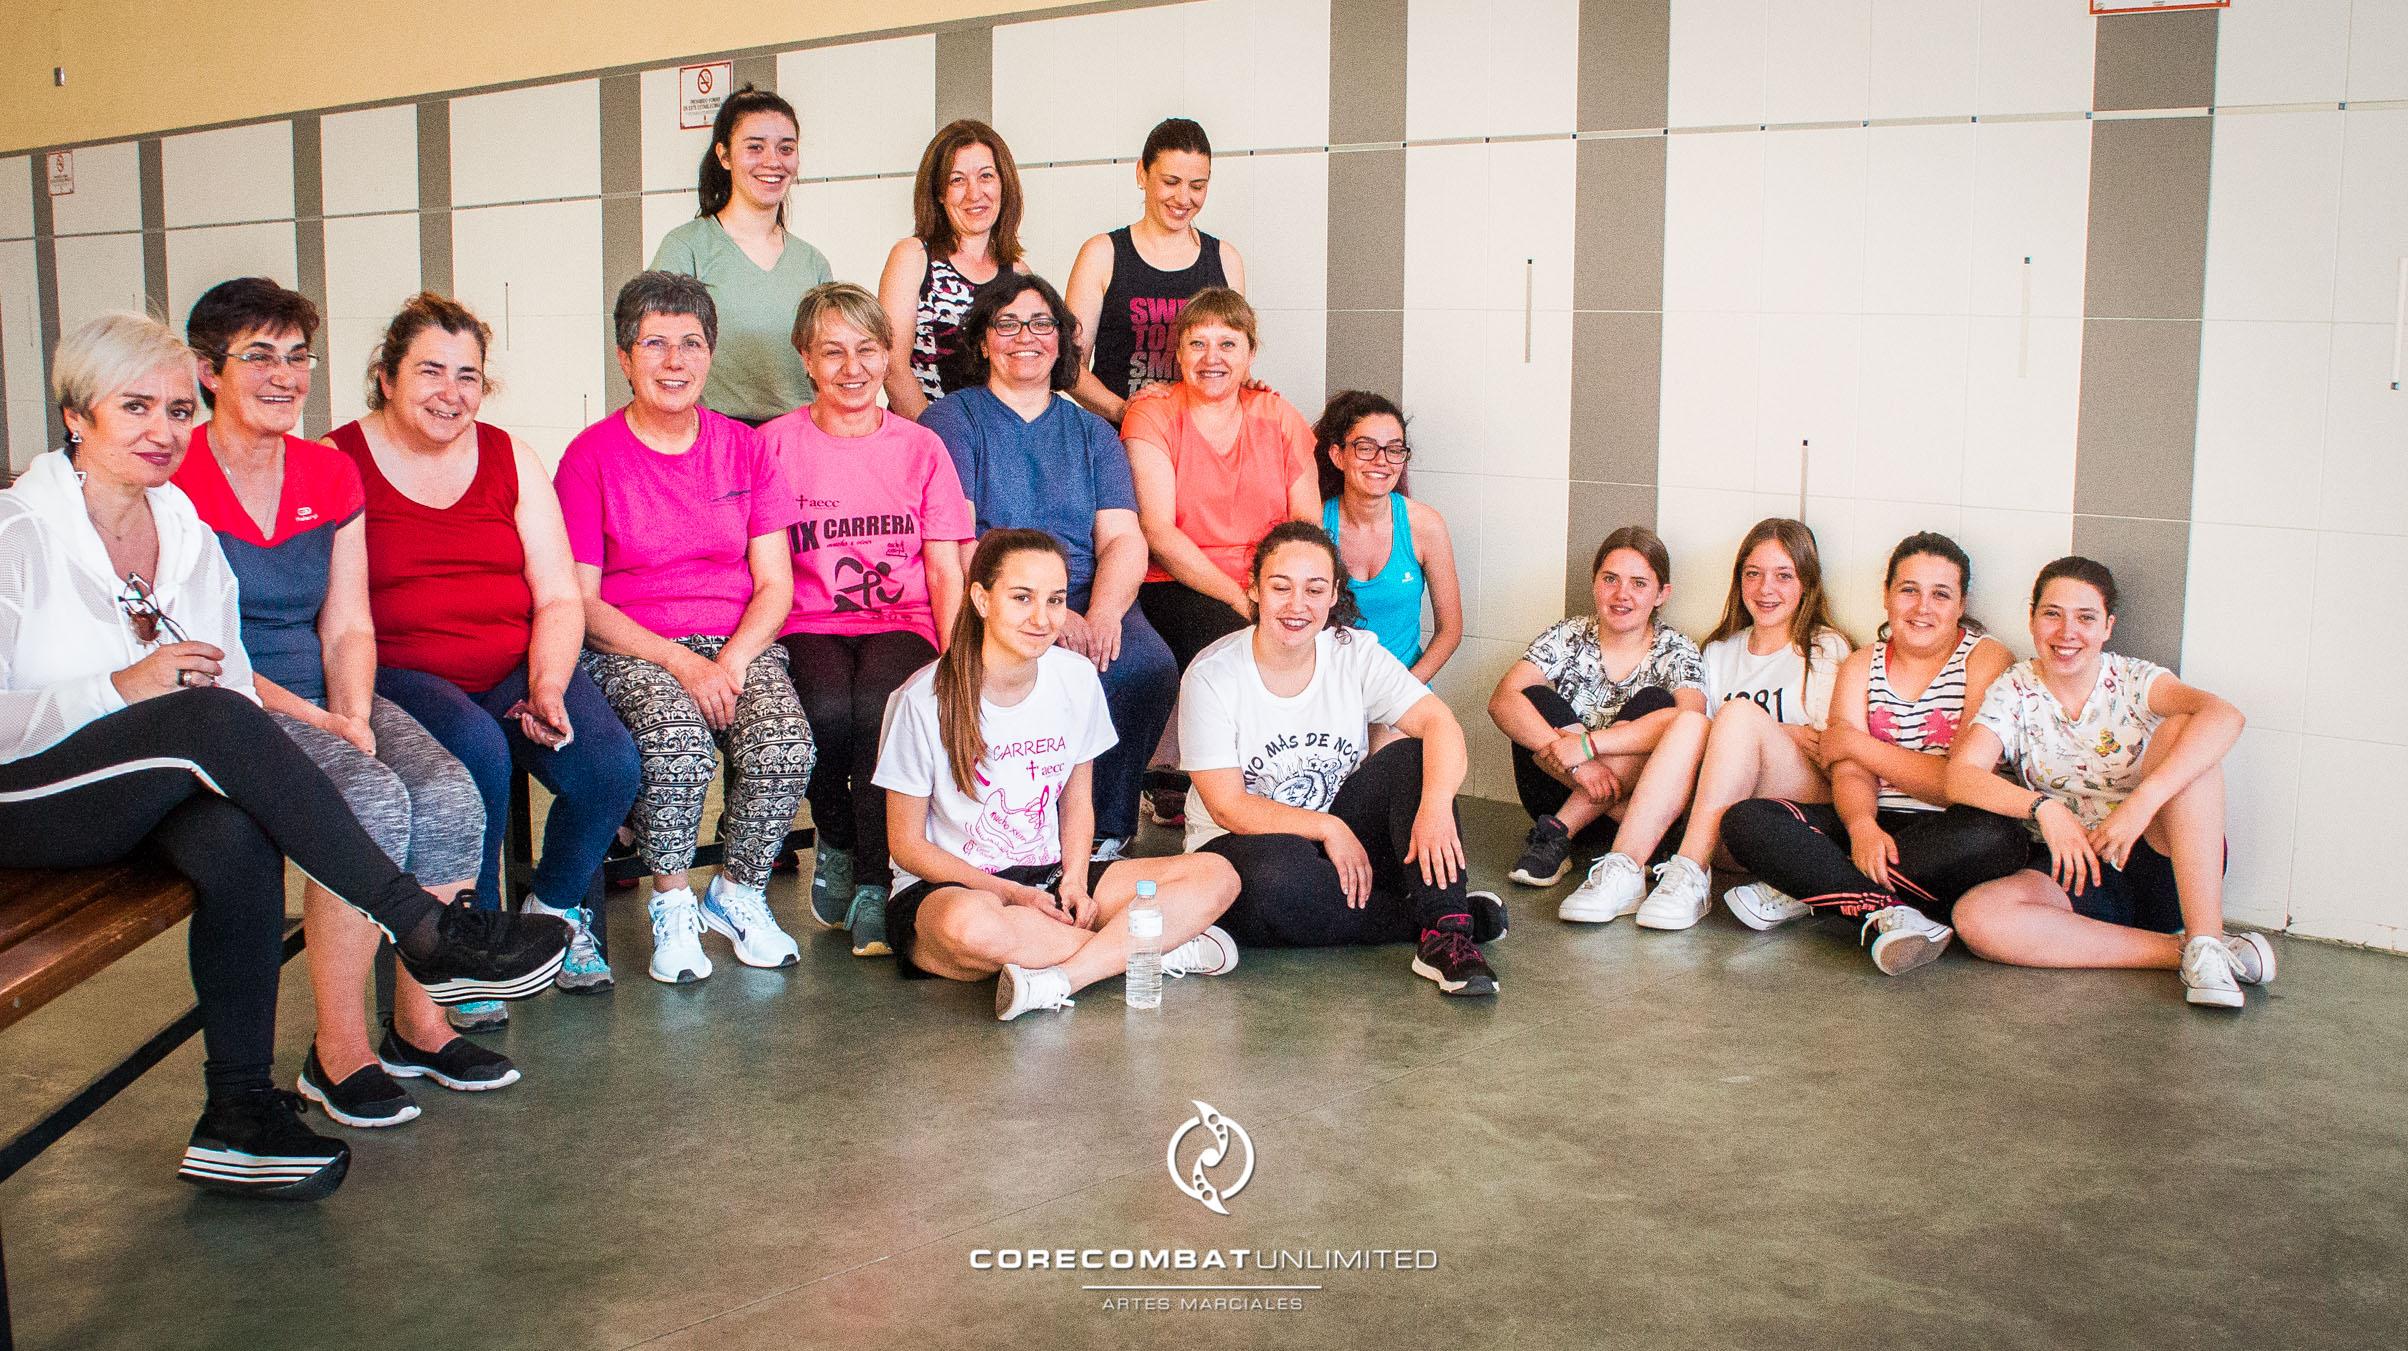 curso-defensa-personal-para-mujeres-zamora-coreses-artes-marciales-zamora-core-combat-salamanca-valladolid-leon-madrid-43